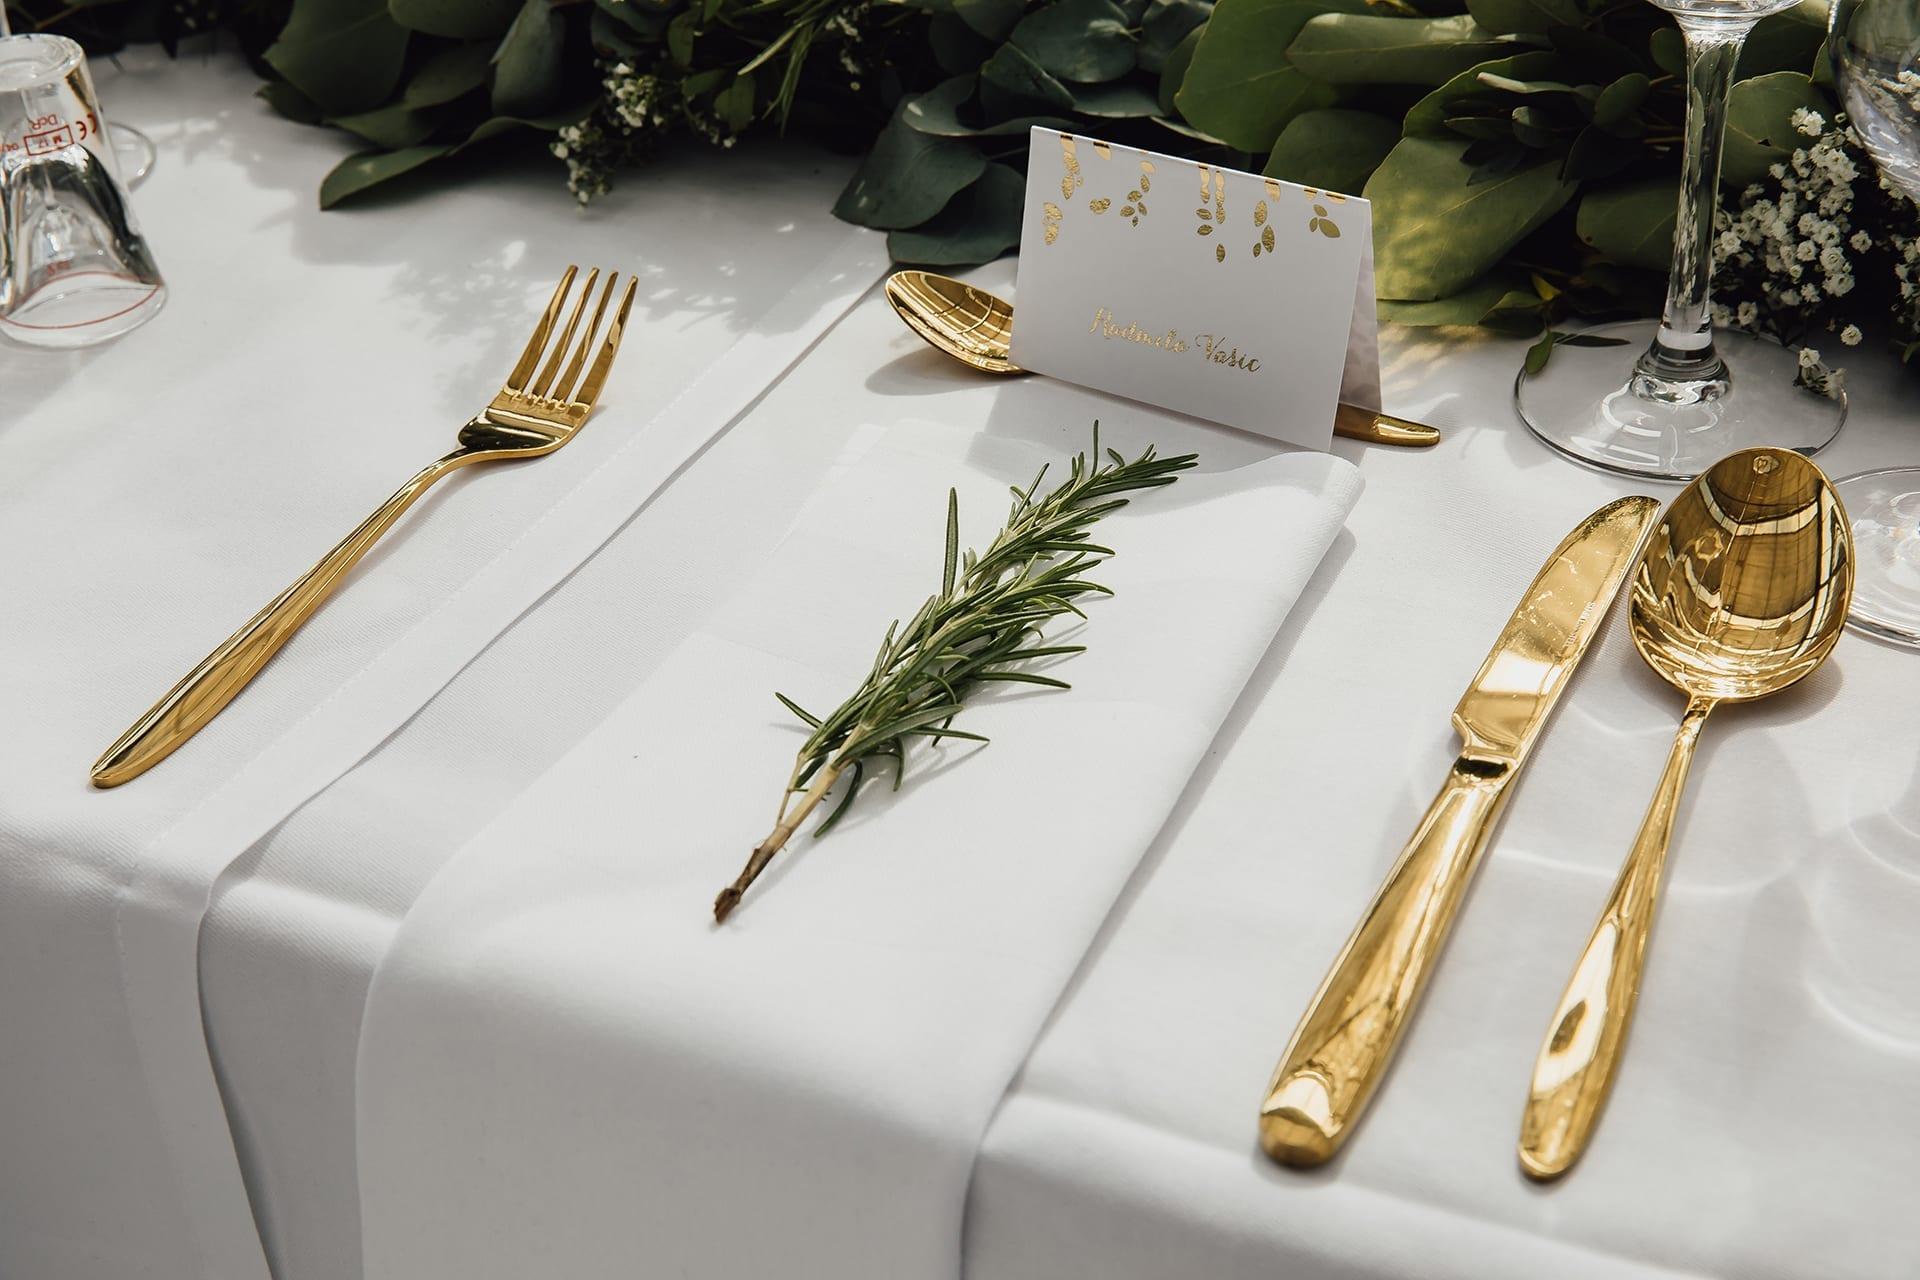 Ein Nadelzweig auf einer Leinenserviette, umgeben von Goldbesteck.